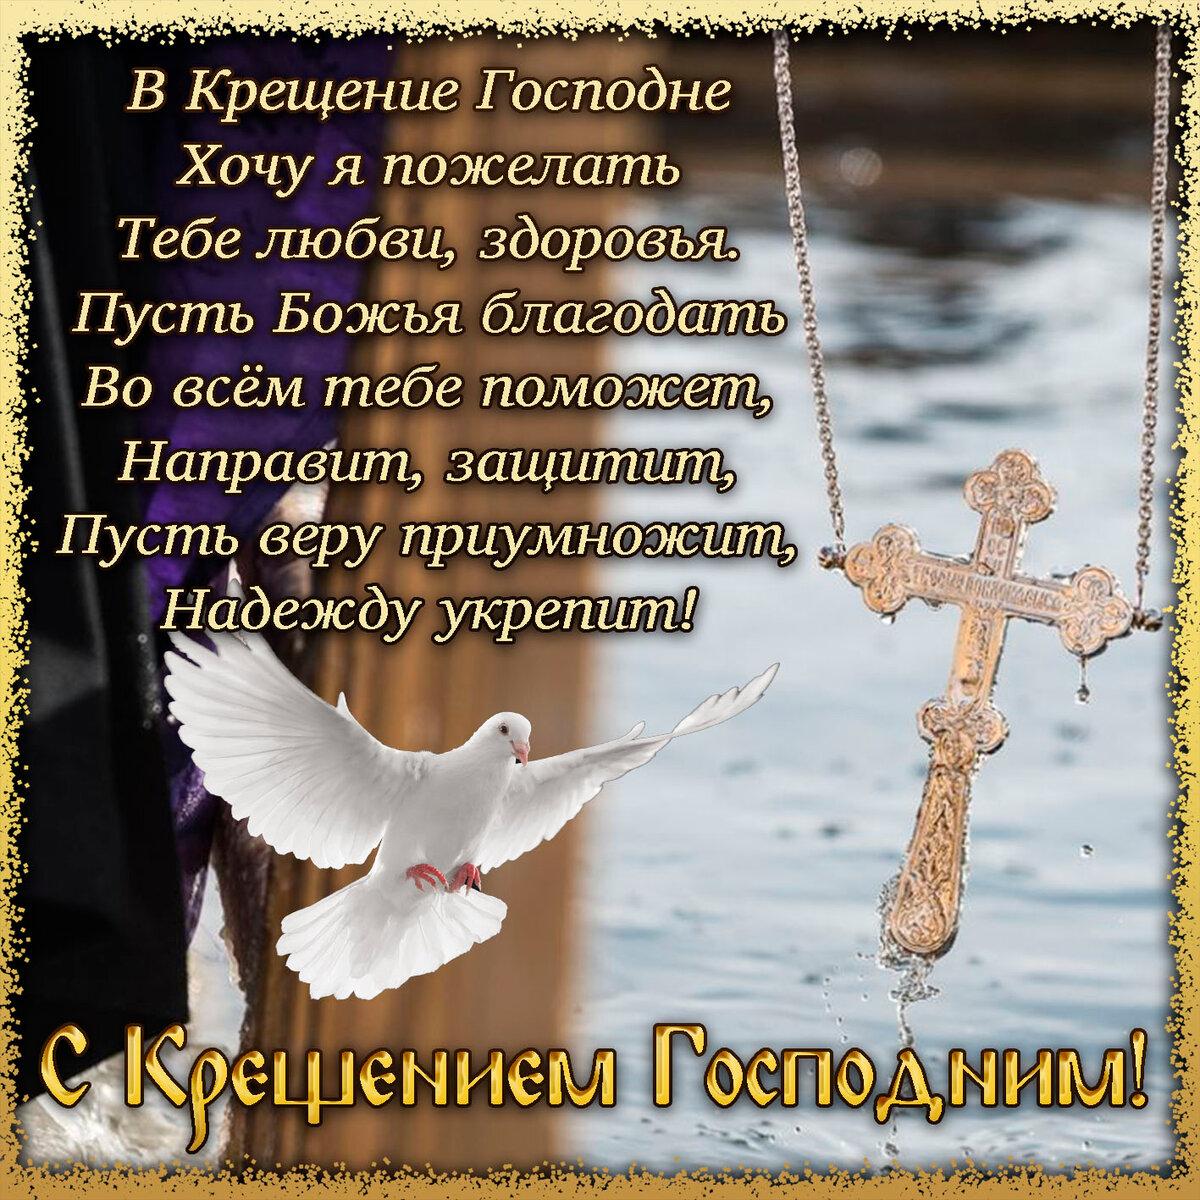 Поздравления подруги на крещение